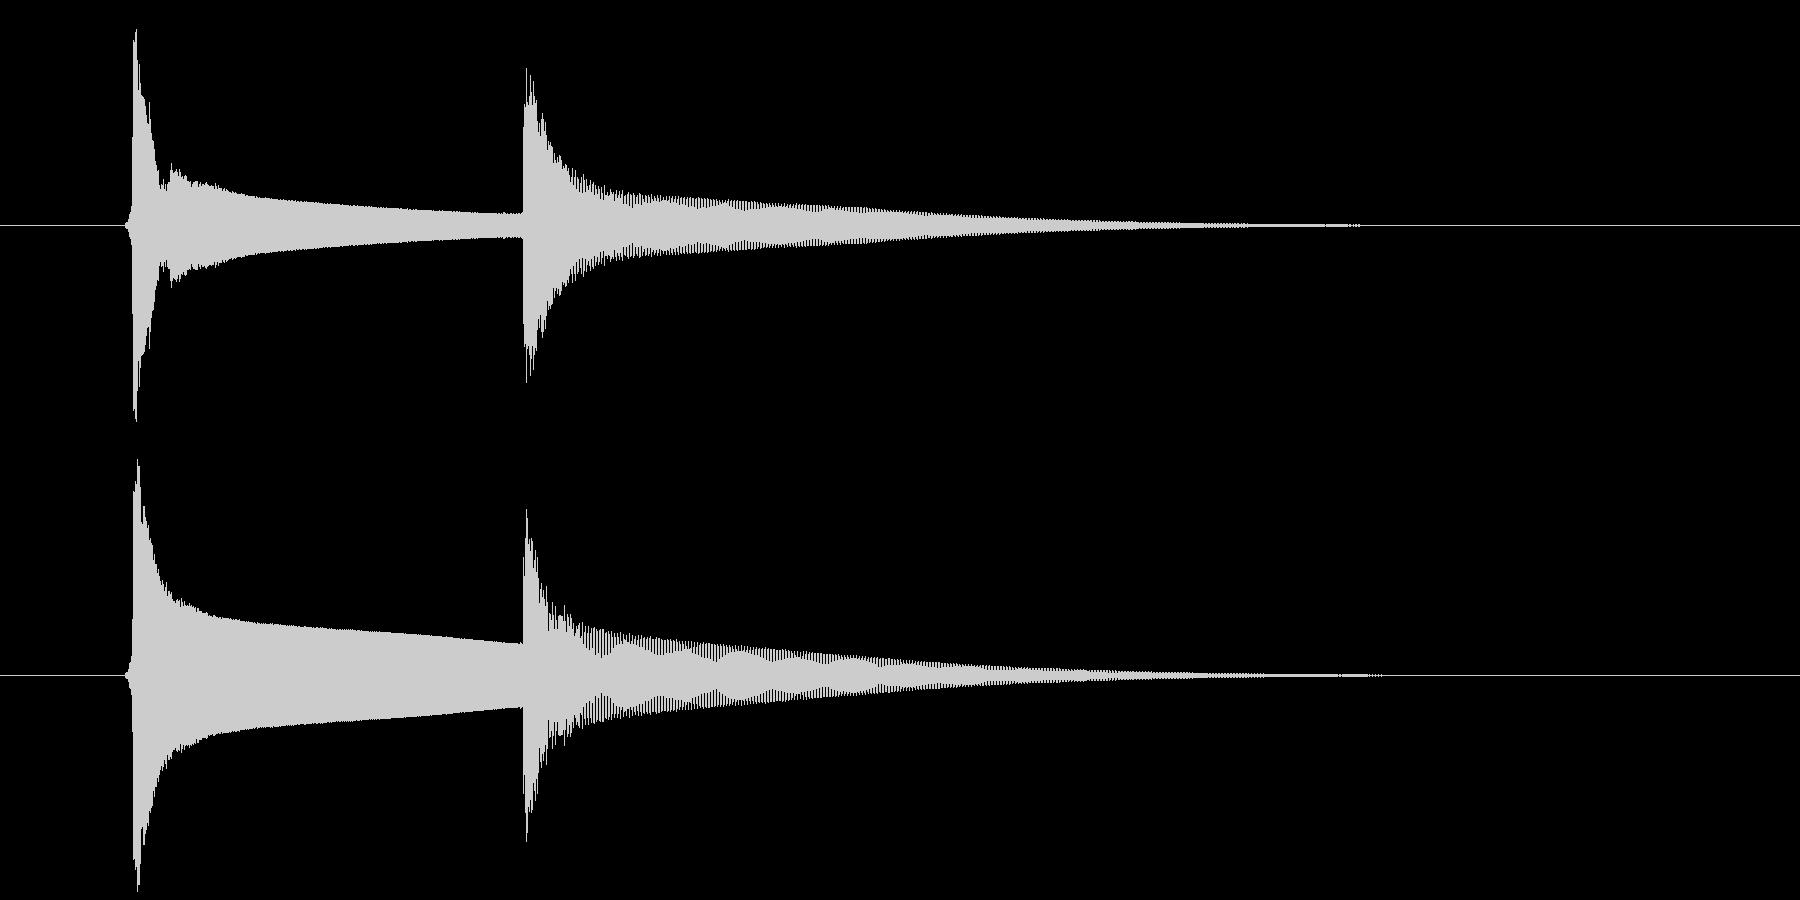 【生録音】ピンポーン(速度-遅め)の未再生の波形